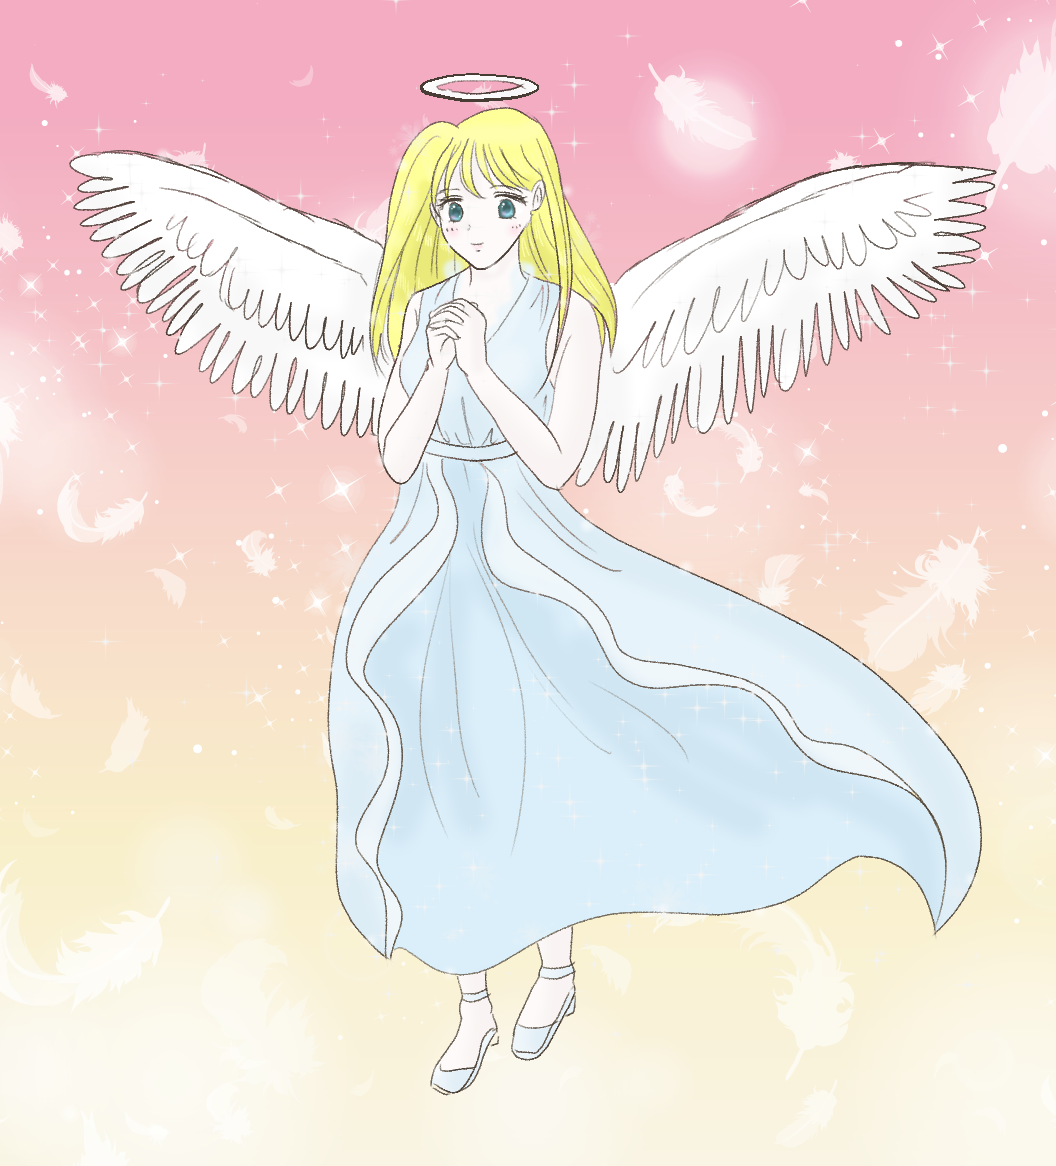 天使の女の子イラスト